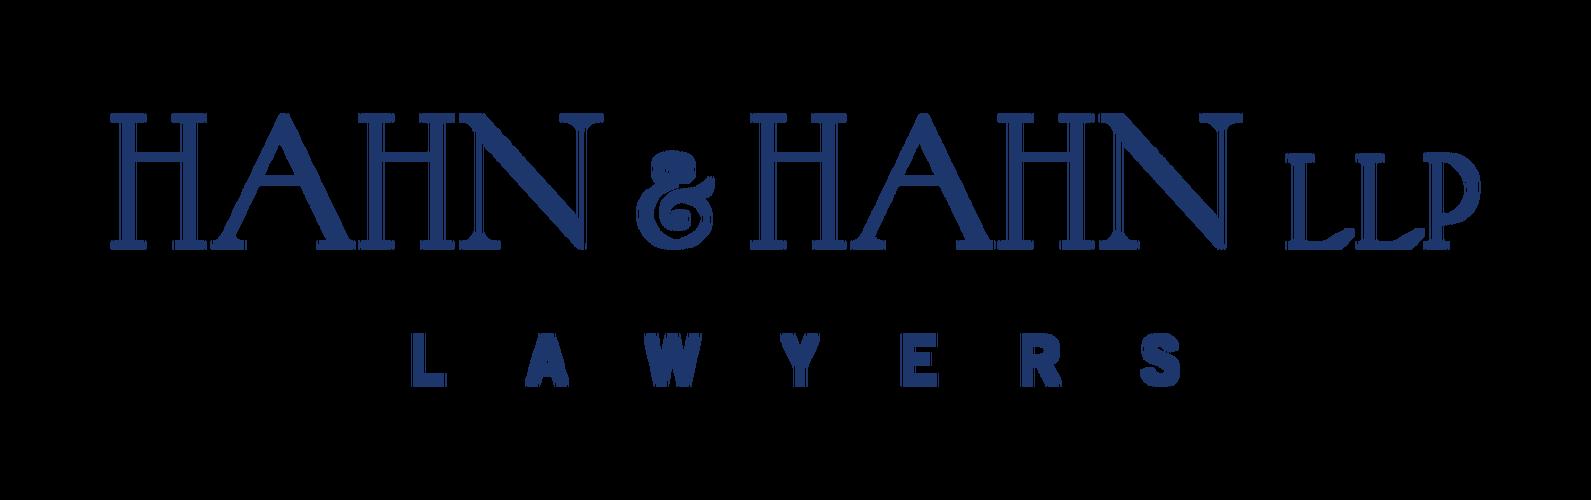 Hahn & Hahn LLP